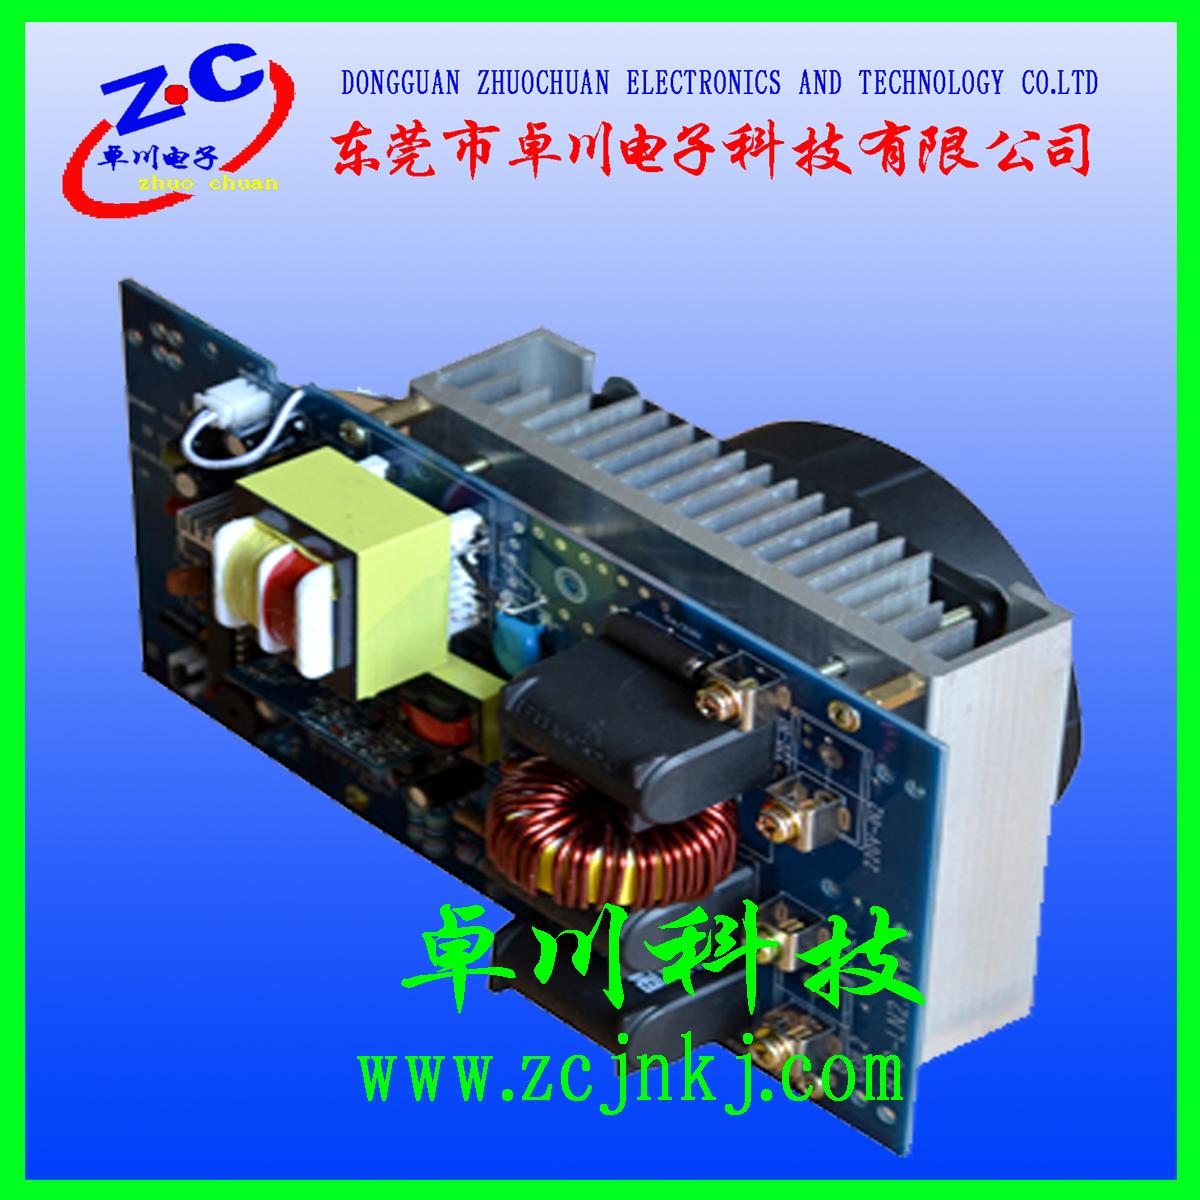 2.5KW электромагнитный отопление контроль доска электромагнитный отопление контролер электромагнитный индукция отопление электромагнитный отопление устройство